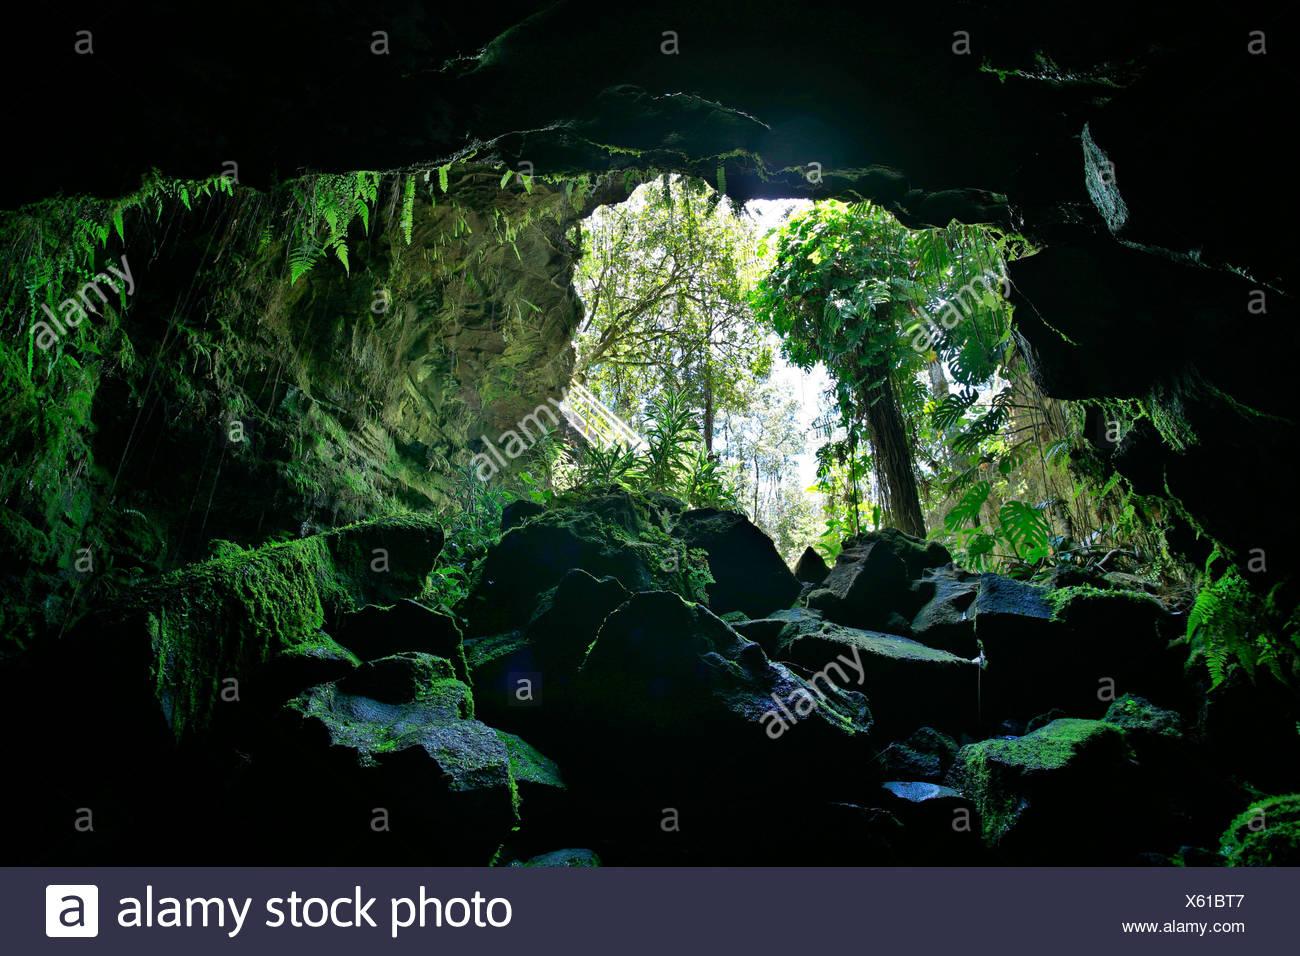 Kaumana lava caves, Hilo, Big Island, Hawai'i, Hawaii, USA - Stock Image